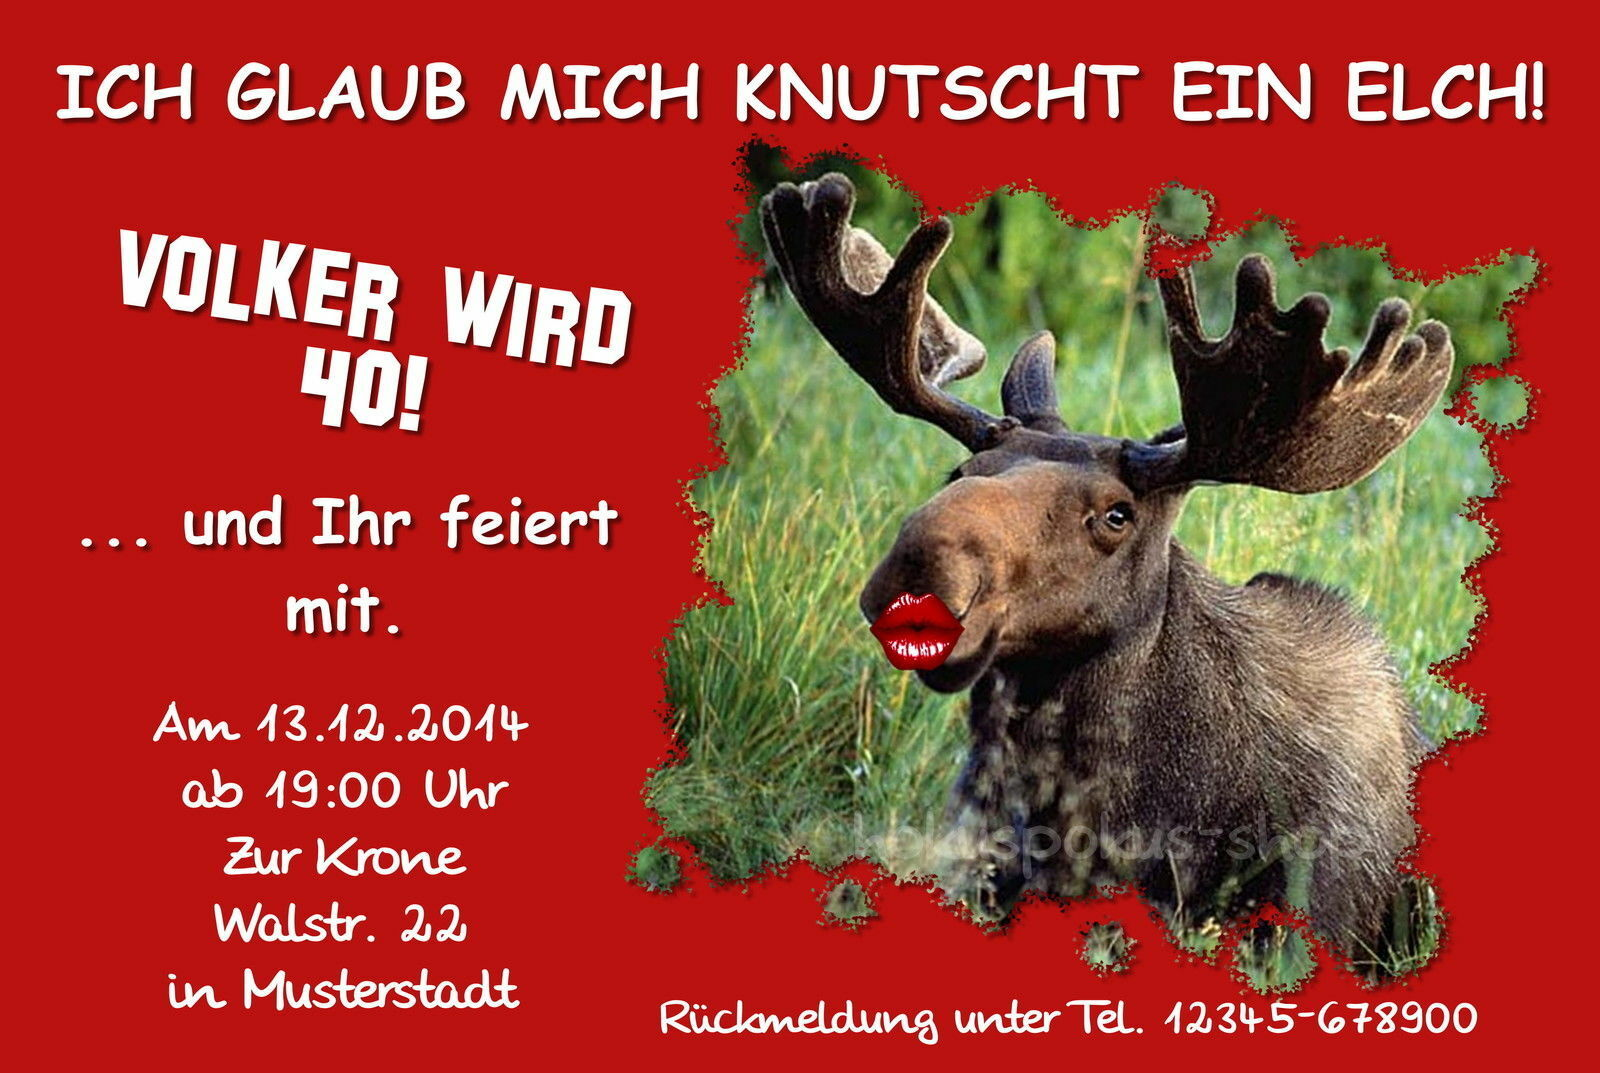 50 lustige Einladungskarten Geburtstag Einladungen jedes Alter möglich 18 30 40   | Ideales Geschenk für alle Gelegenheiten  | München Online Shop